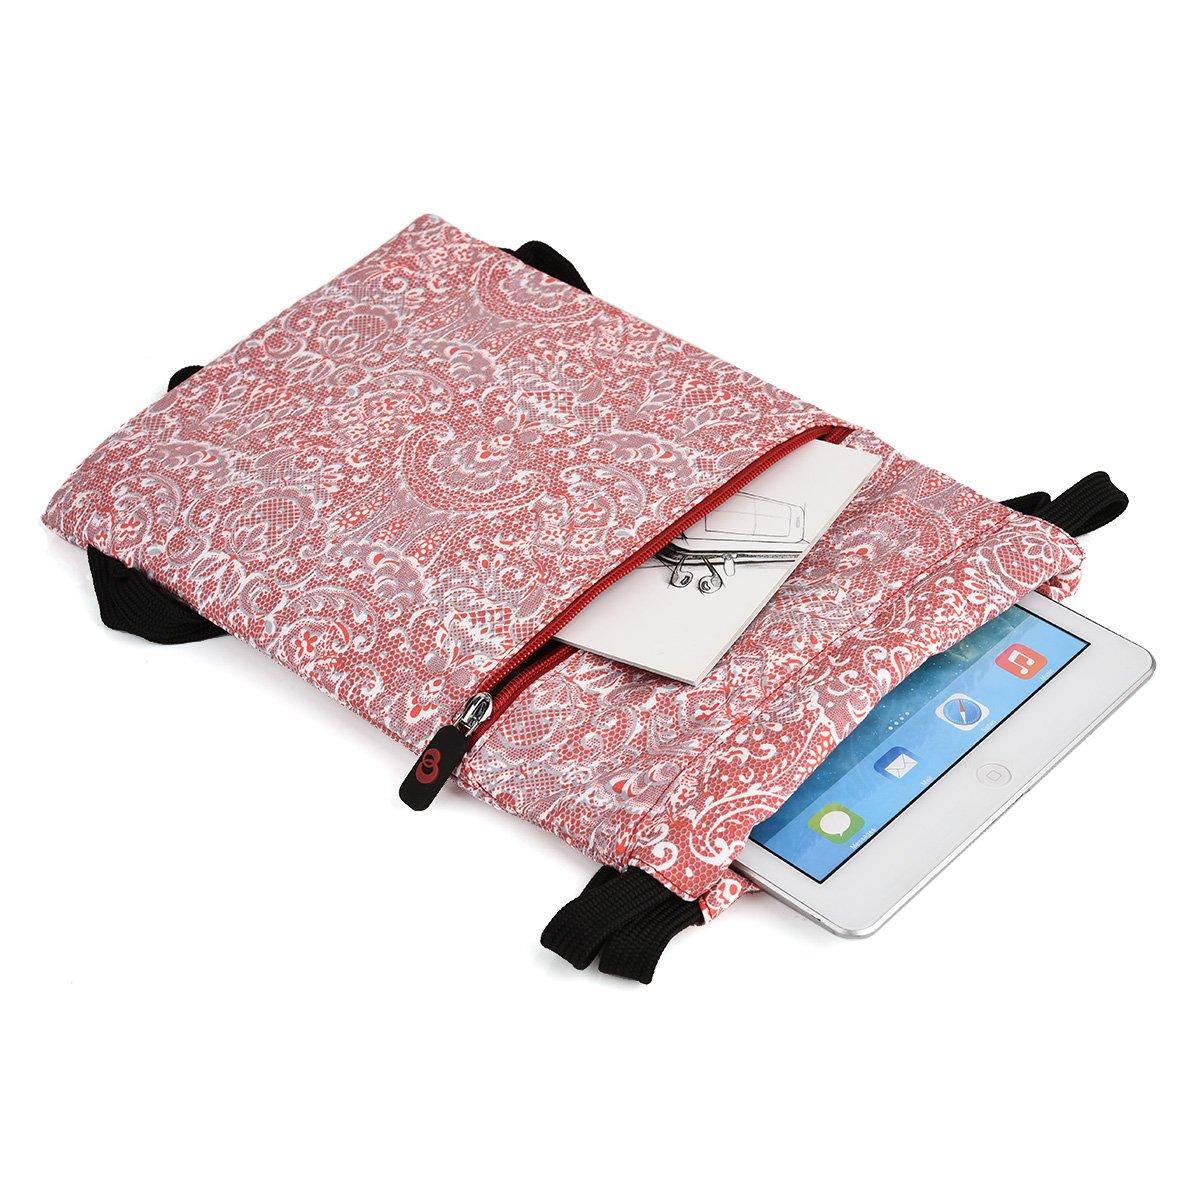 8207374b58bd KroO LG G Pad X 8.0, G Pad 7.0, G Pad X 8.3 LTE Tablet Sleeve Case ...